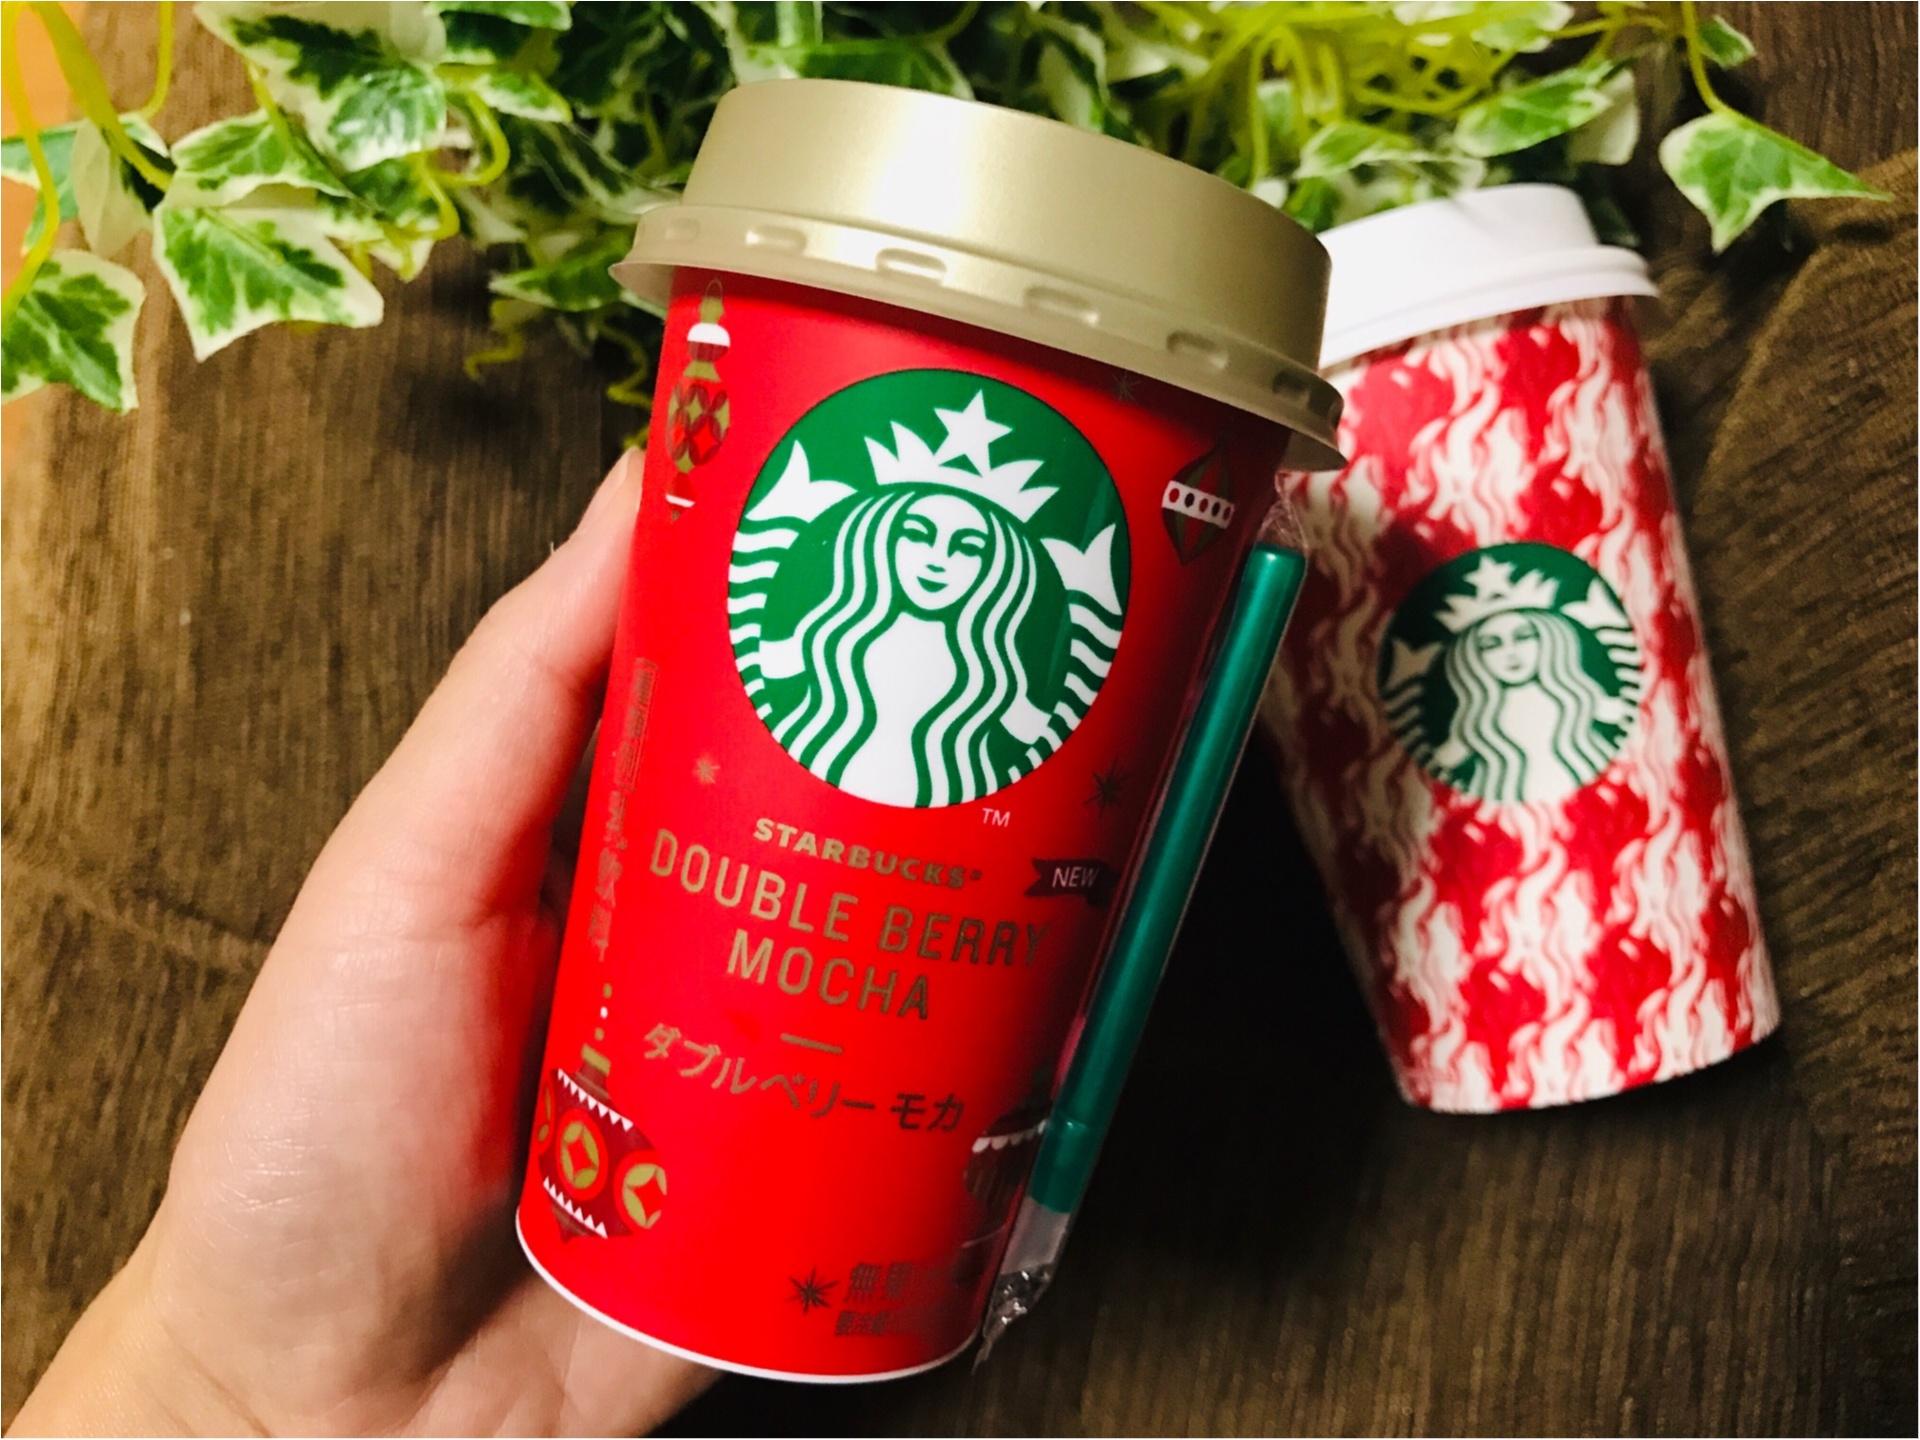 【コンビニスタバ】にもクリスマス到来!新作《ダブルベリーモカ》が美味し可愛い♡_3